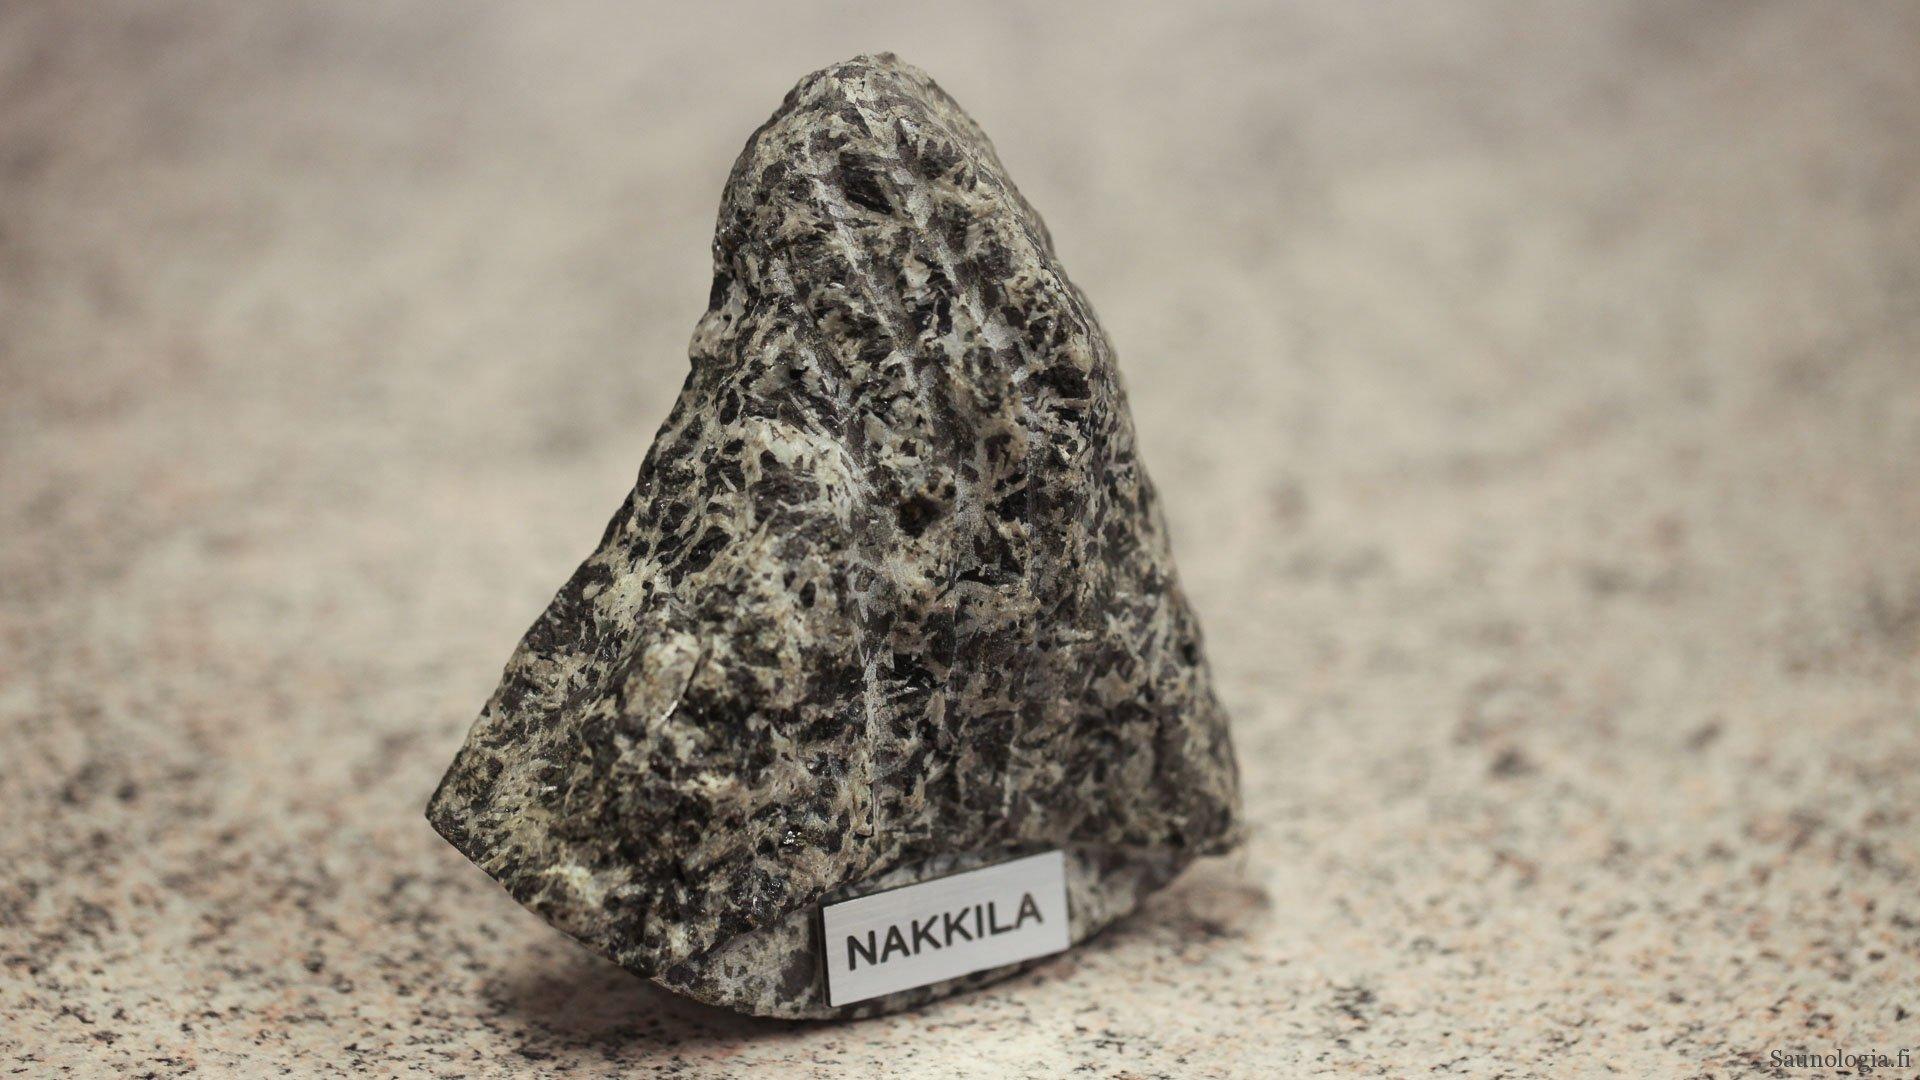 180409-saunaeurox-karkea-od-0782